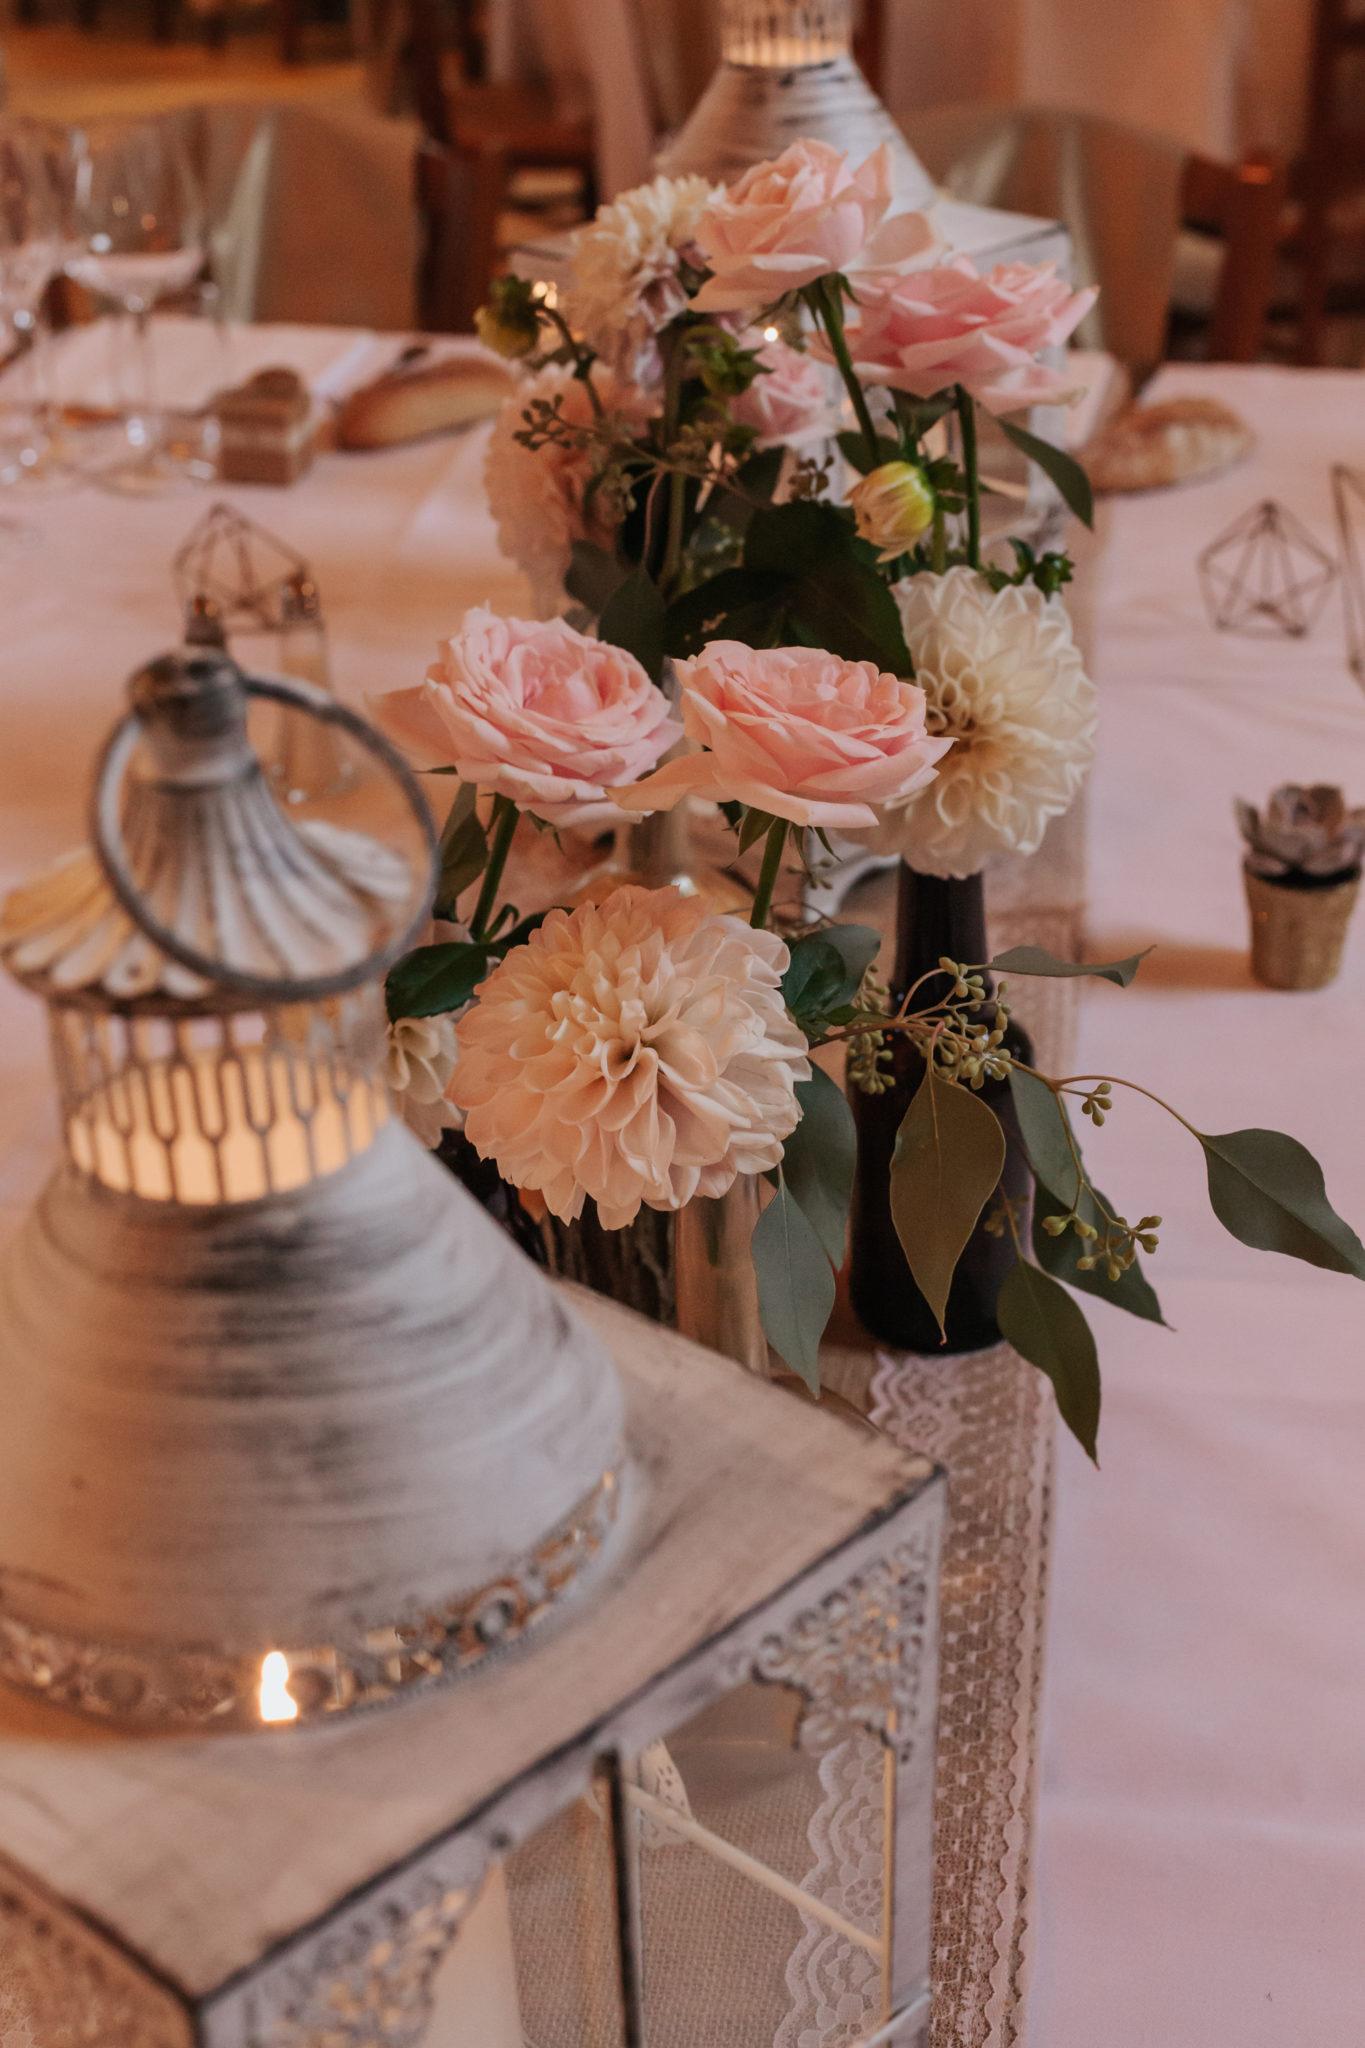 Décoration vase gold or rose diy Domaine de l'Ordre des Compagnons du Beaujolais Lacenas